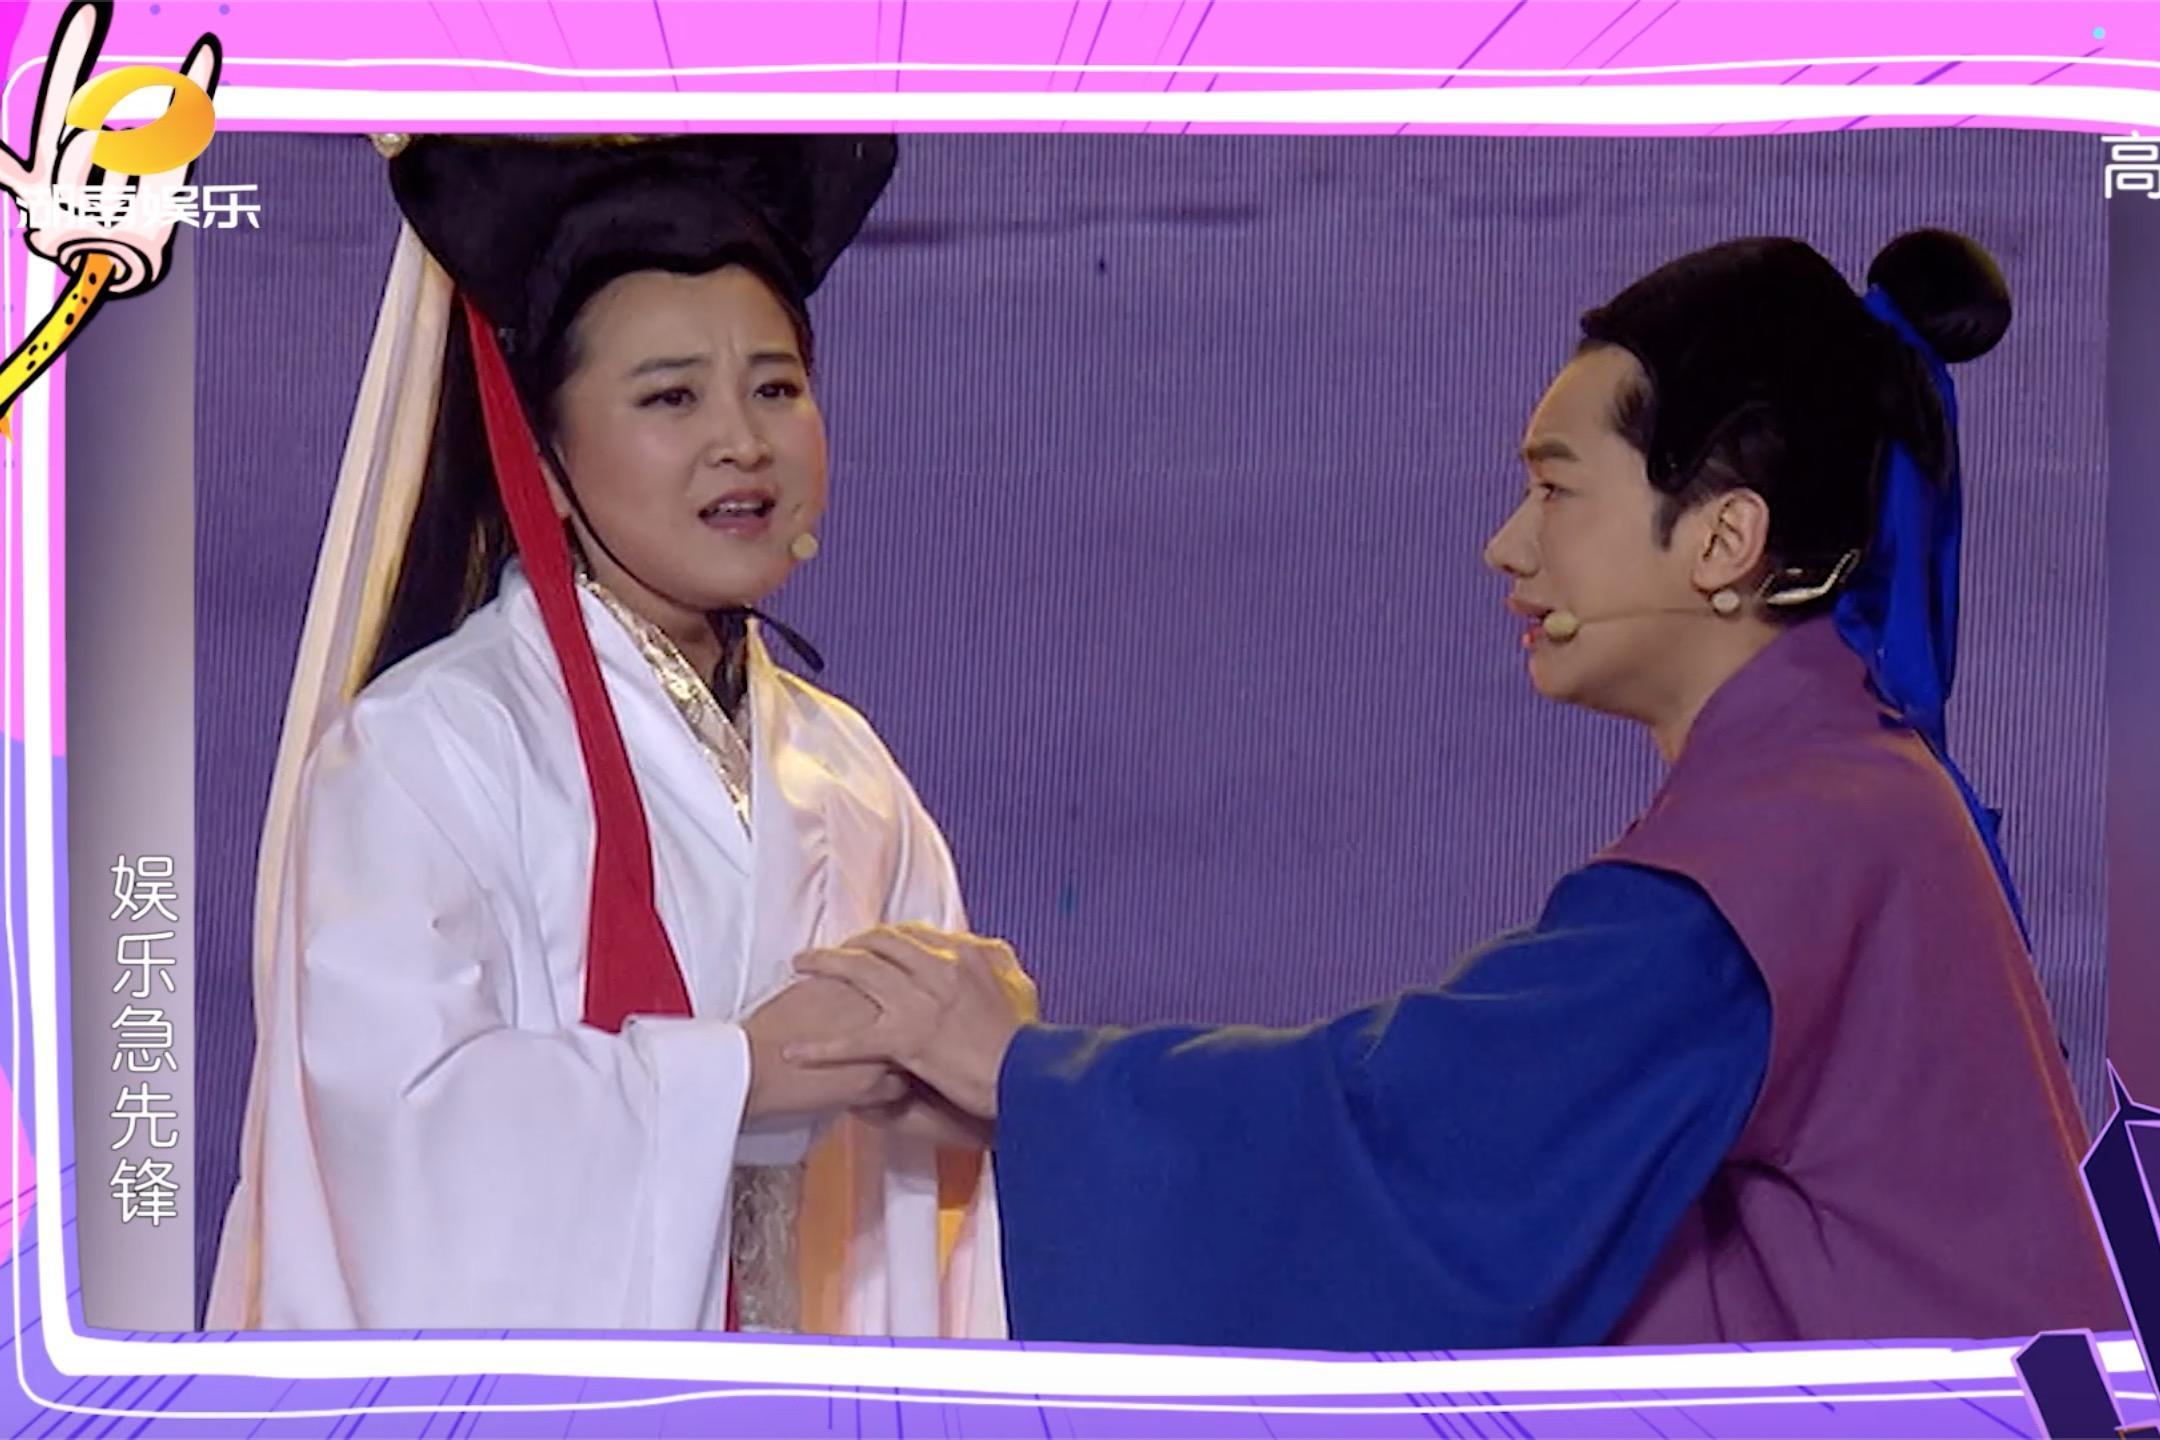 贾玲搞笑小品:《我们爱得那么辛苦》搭档王祖蓝演